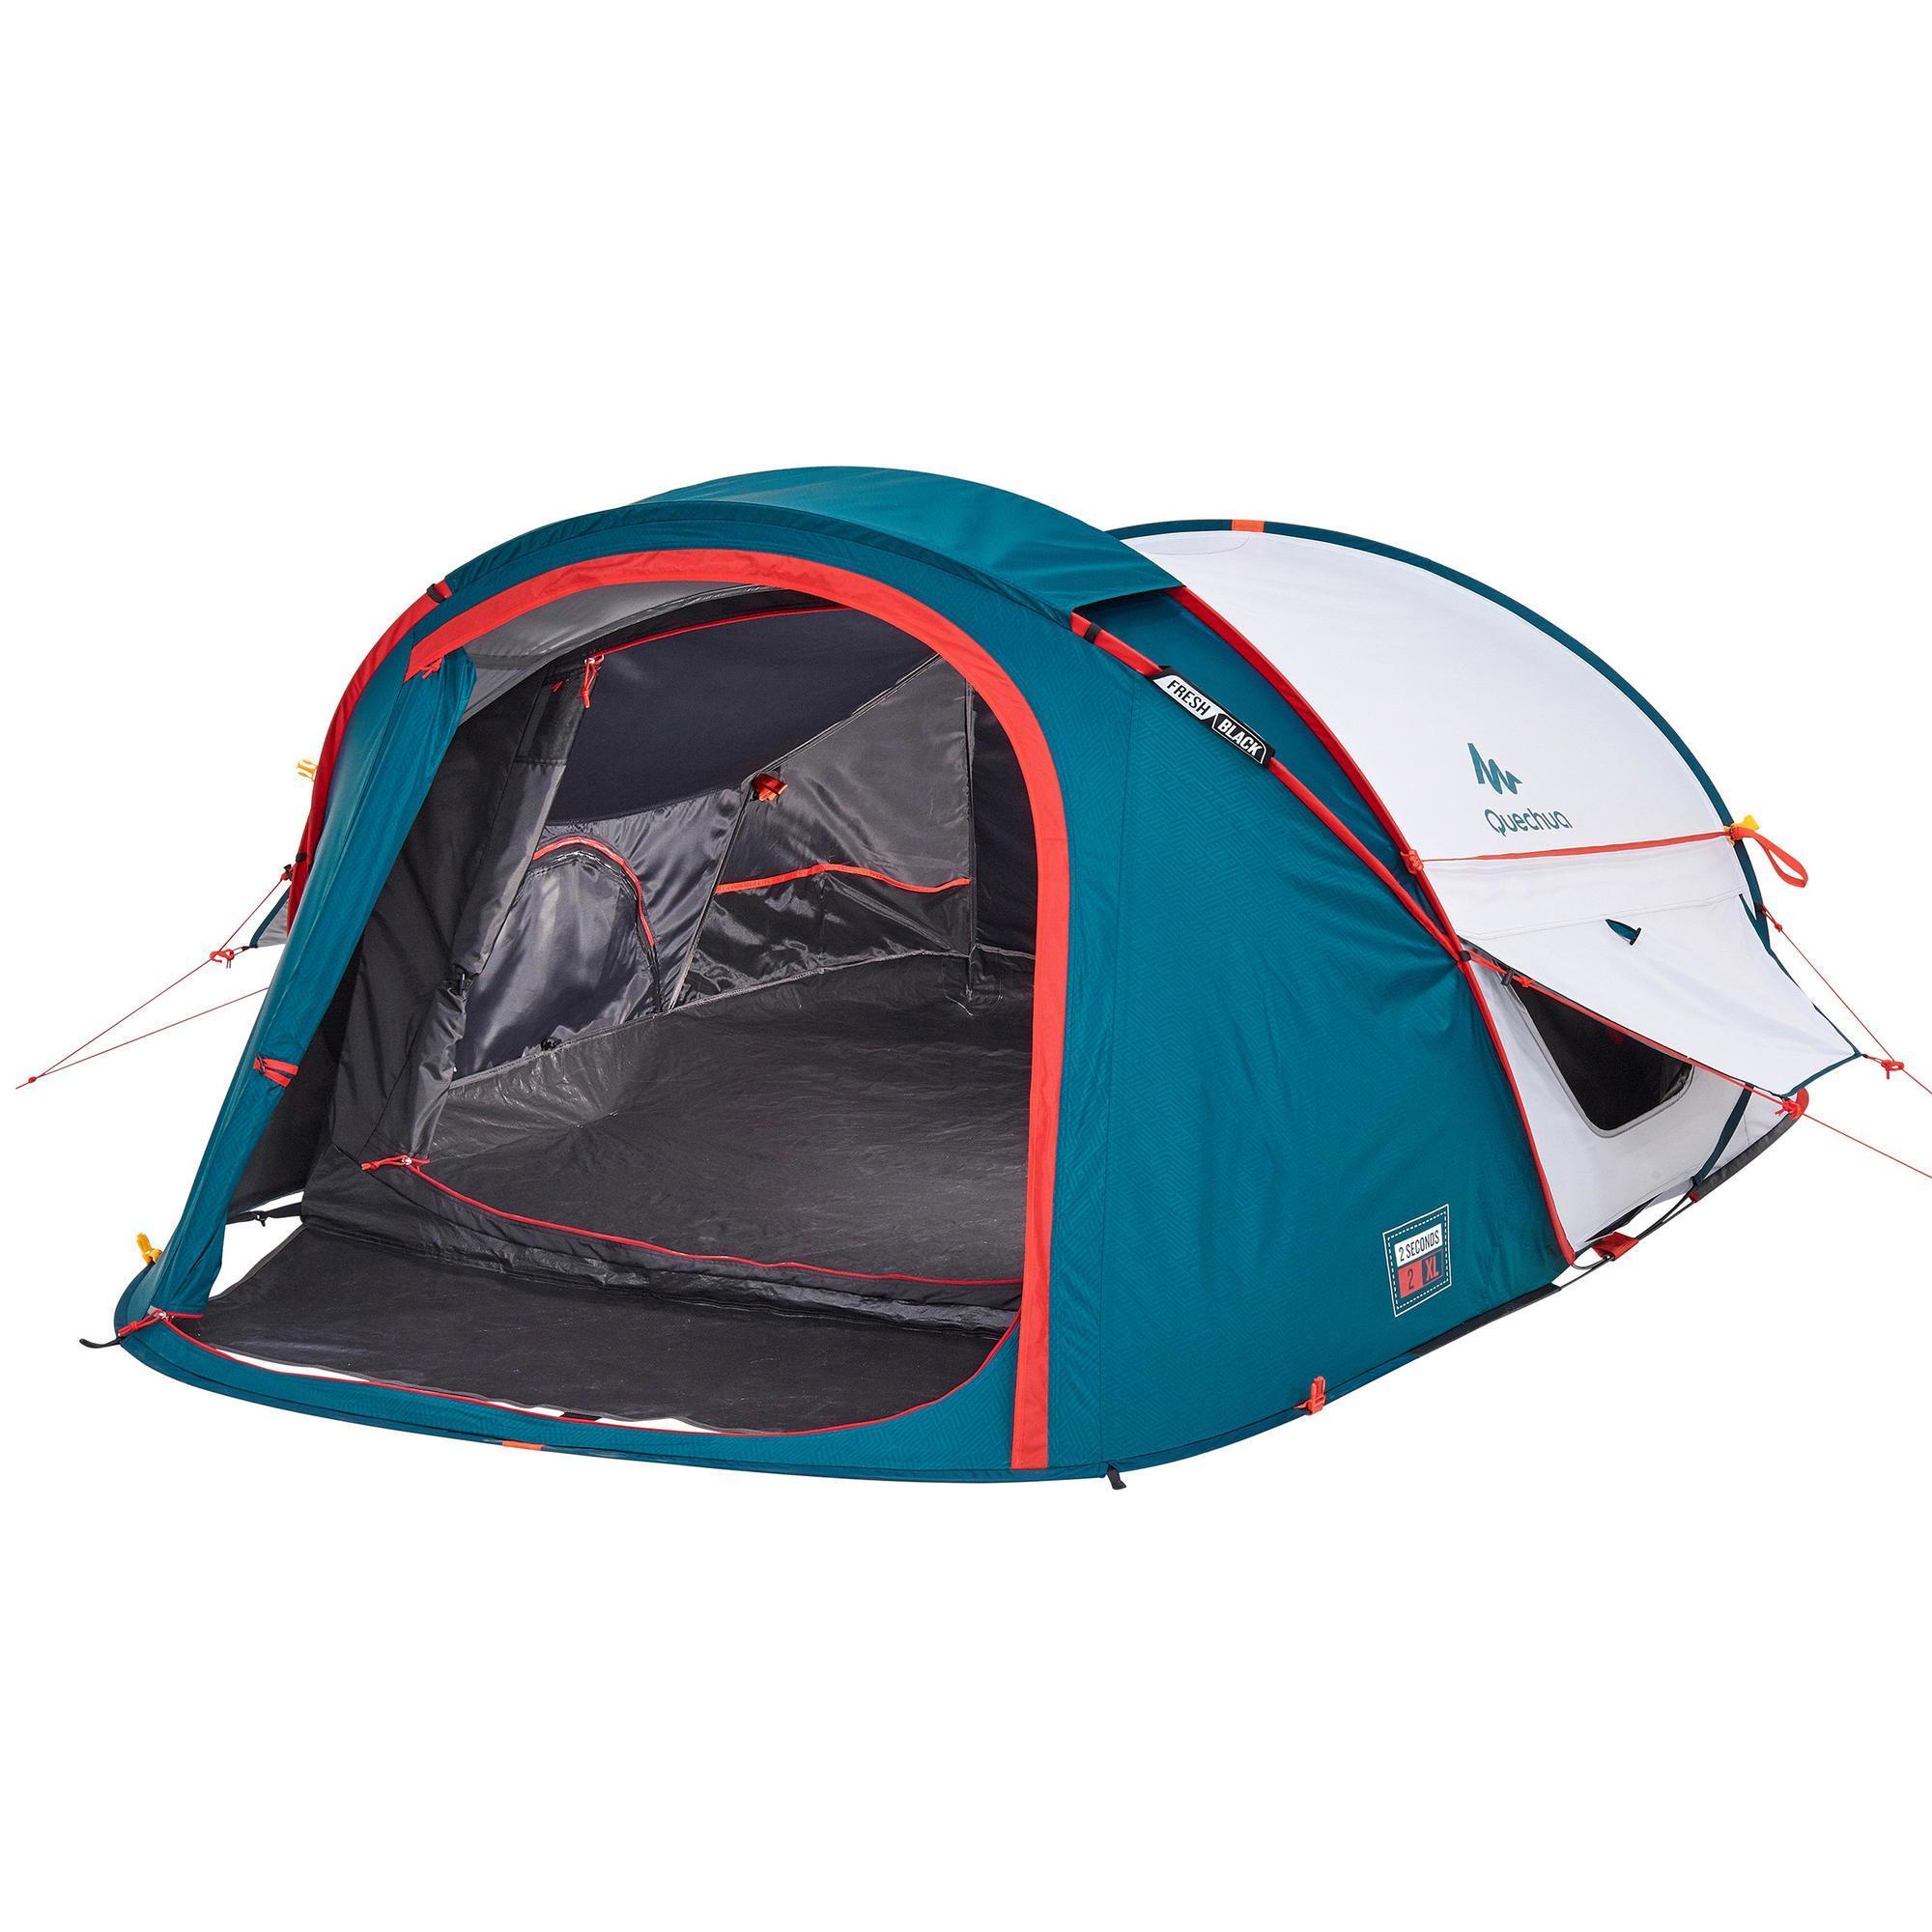 Fonkelnieuw Tent kopen? | Decathlon.nl PD-62